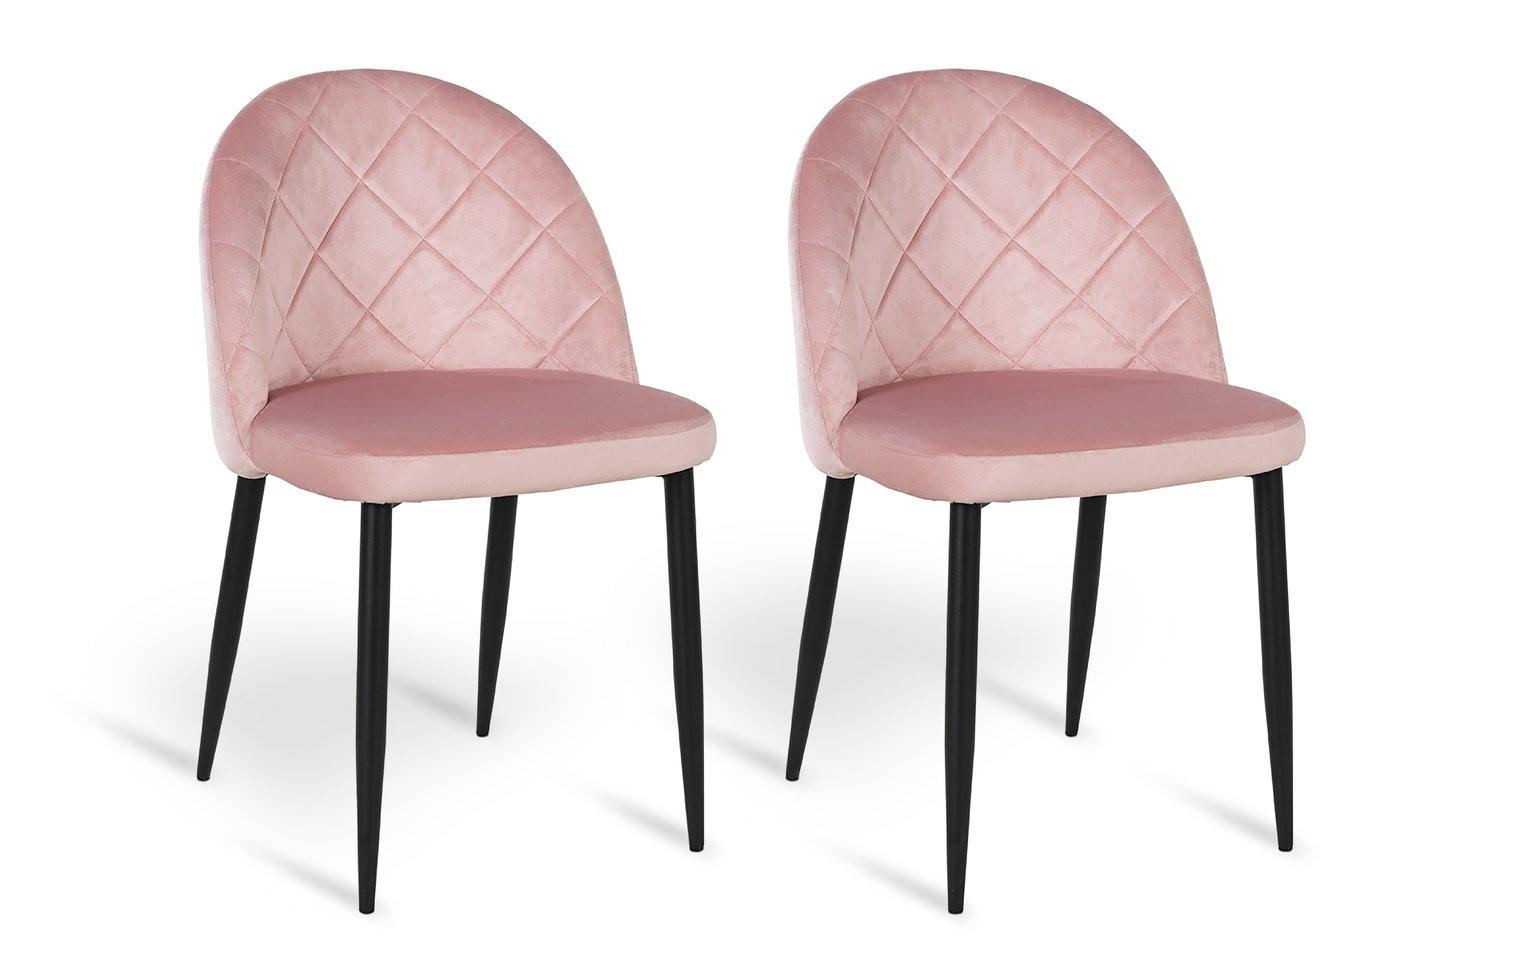 Argos Home Imogen Pair of Velvet Dining Chairs - Blush